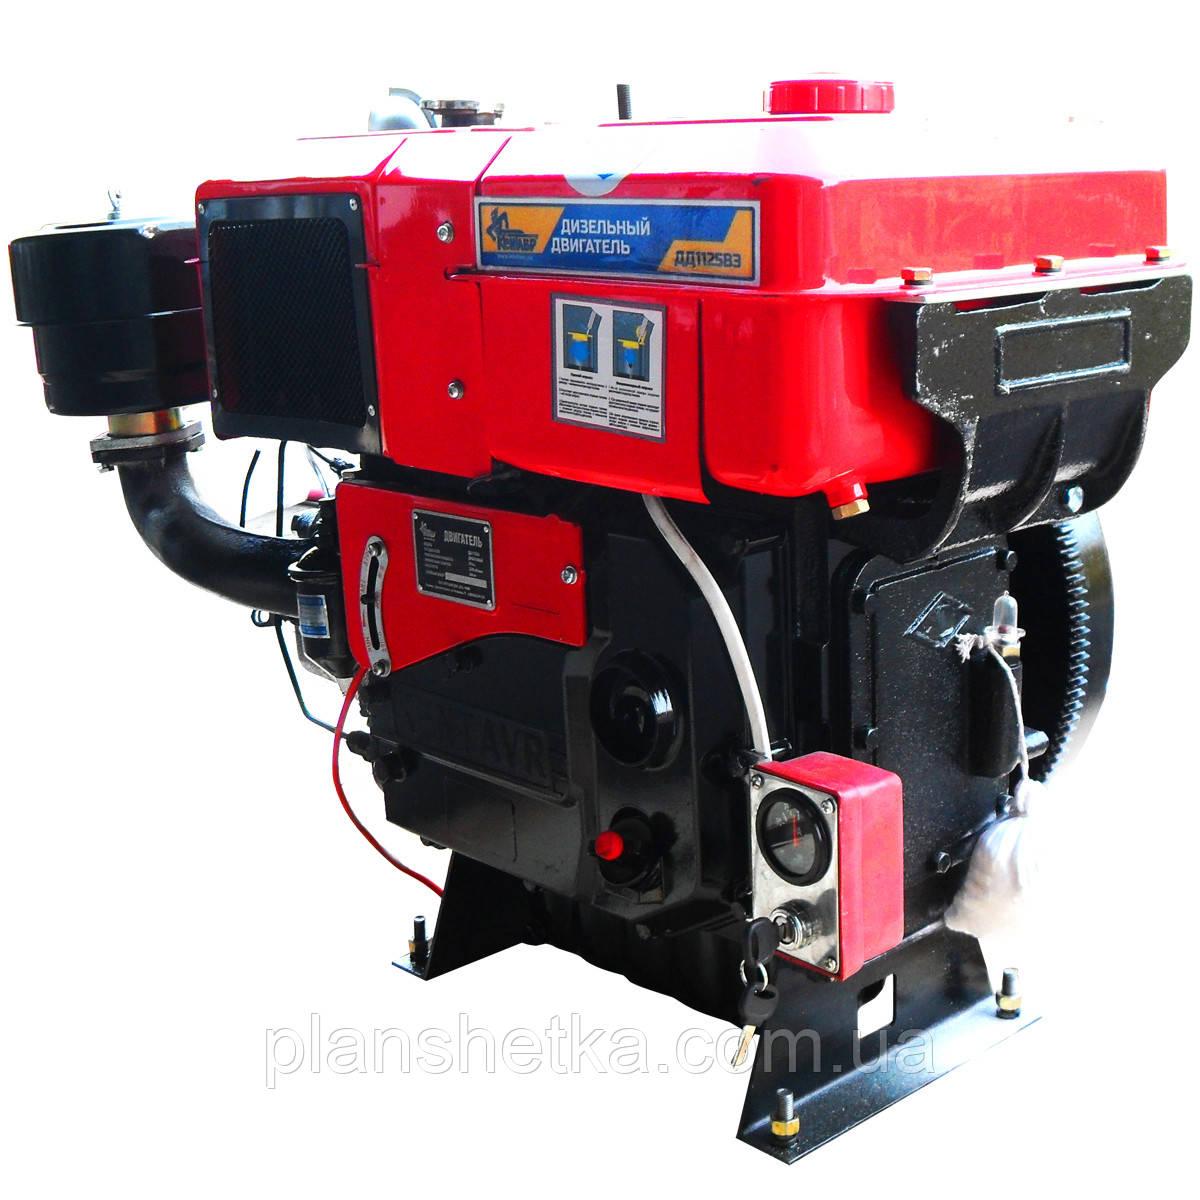 Двигатель дизельный Кентавр ДД1125ВЭ (30 л.с., дизель, электростартер)